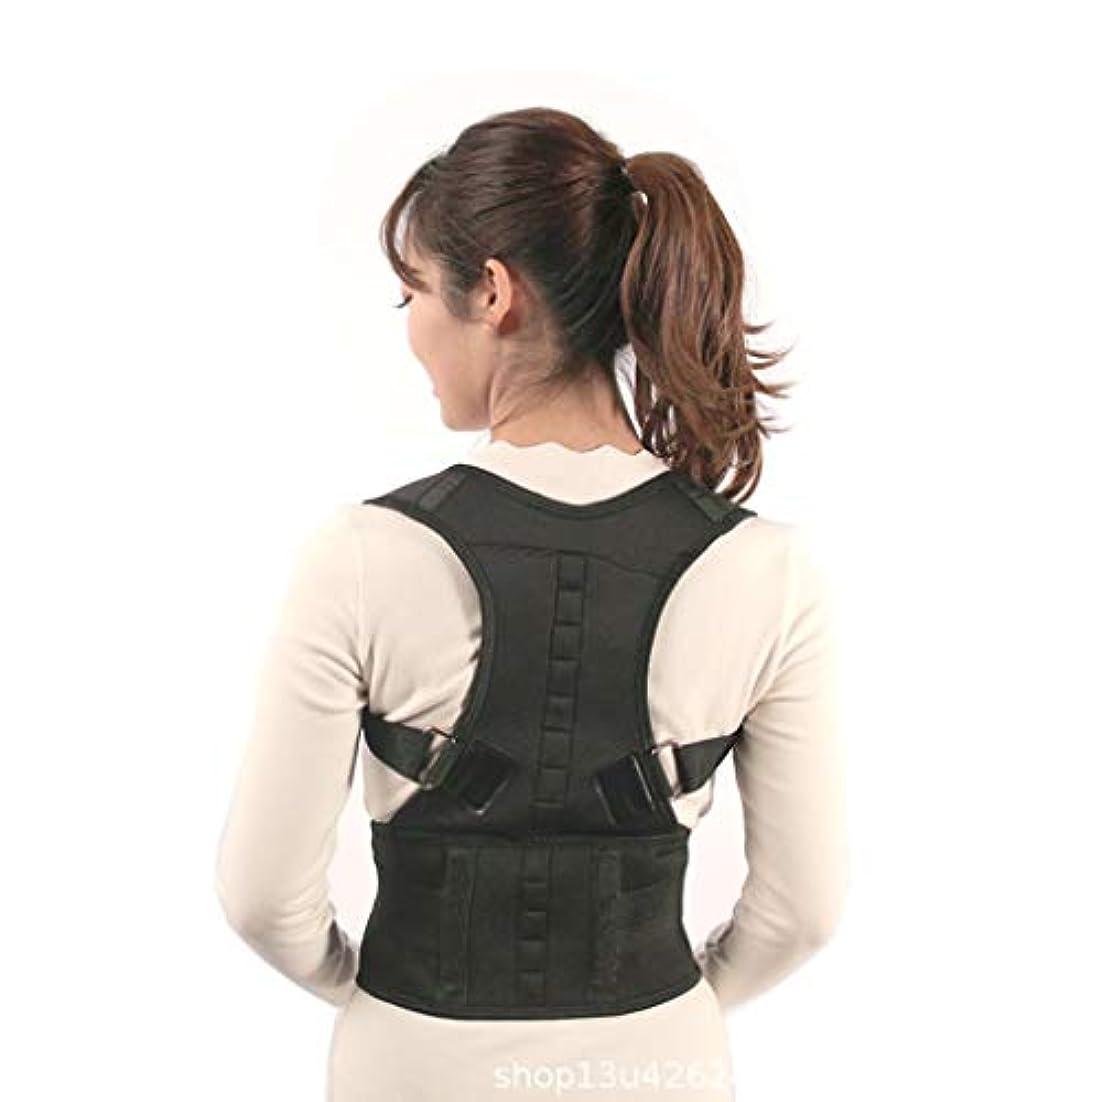 全員熟した面積姿勢アライナ - 背中の支え、アンチハンプバックに最適、上下の肩の調節可能な姿勢の修正